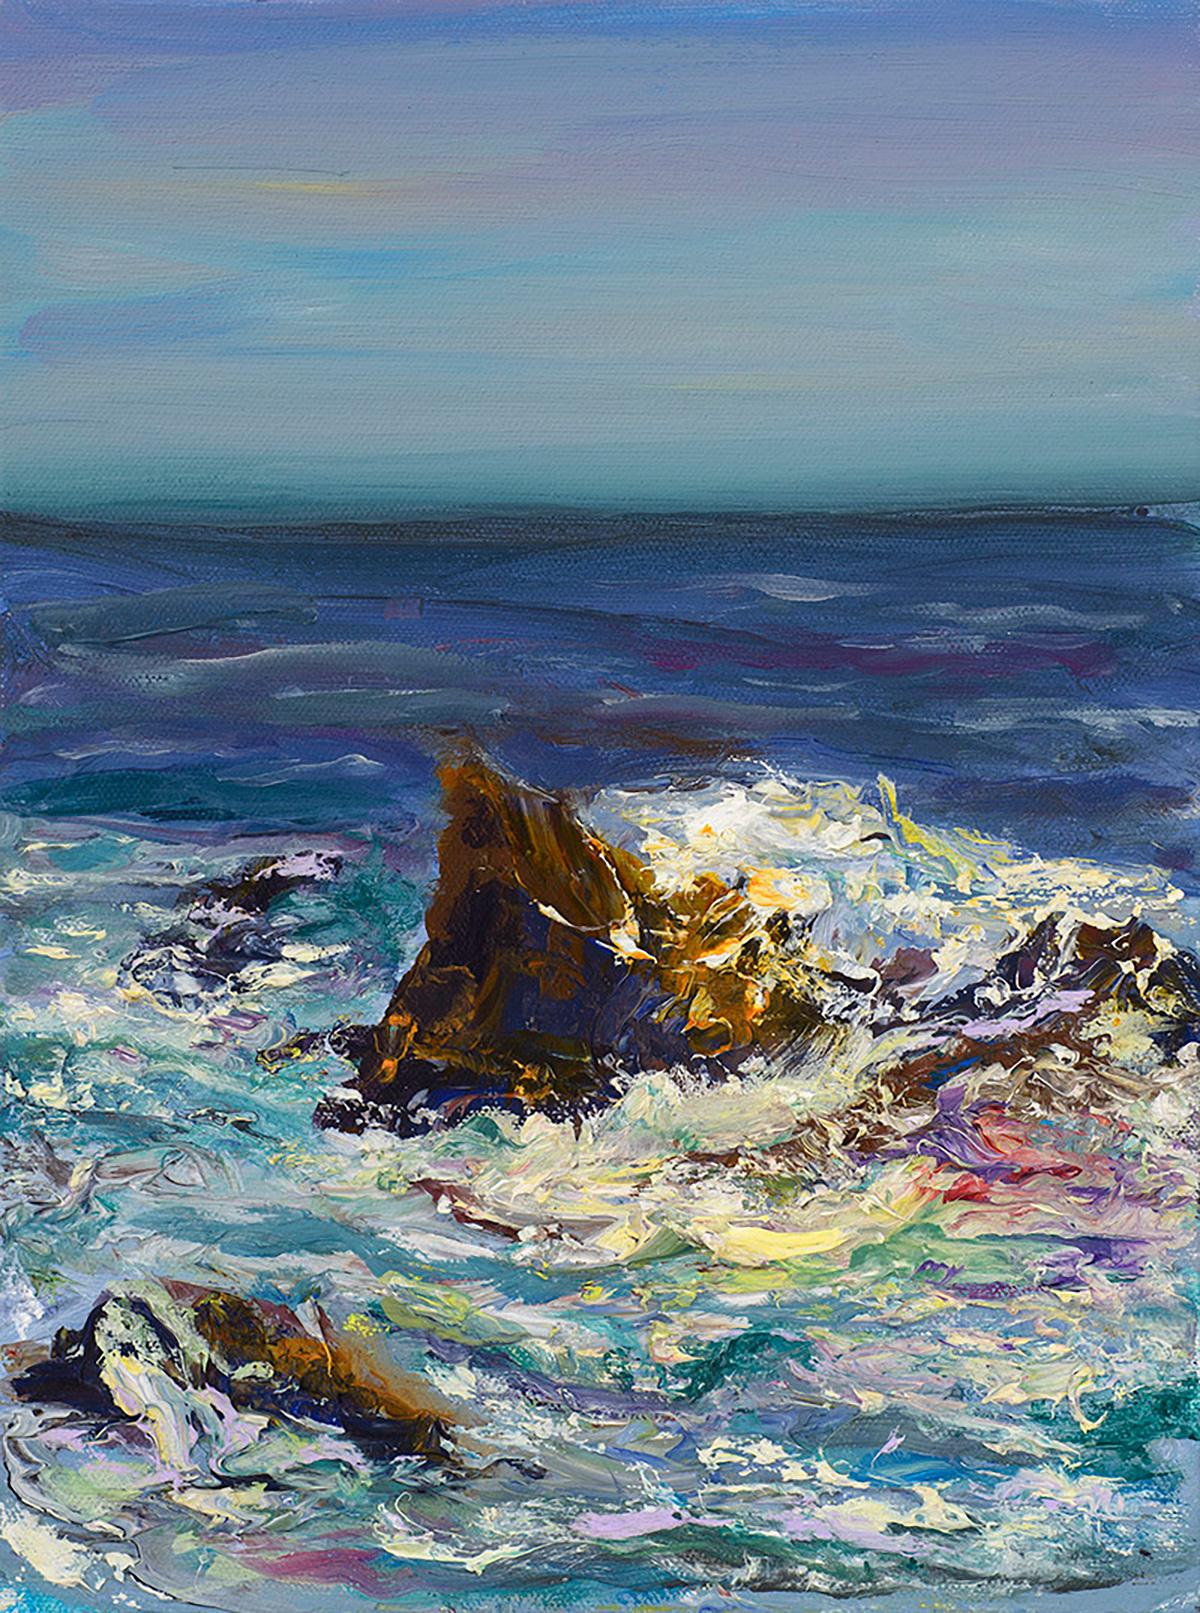 Seascape No 4 giclee 18x24_DSC1241 Dick Crispo